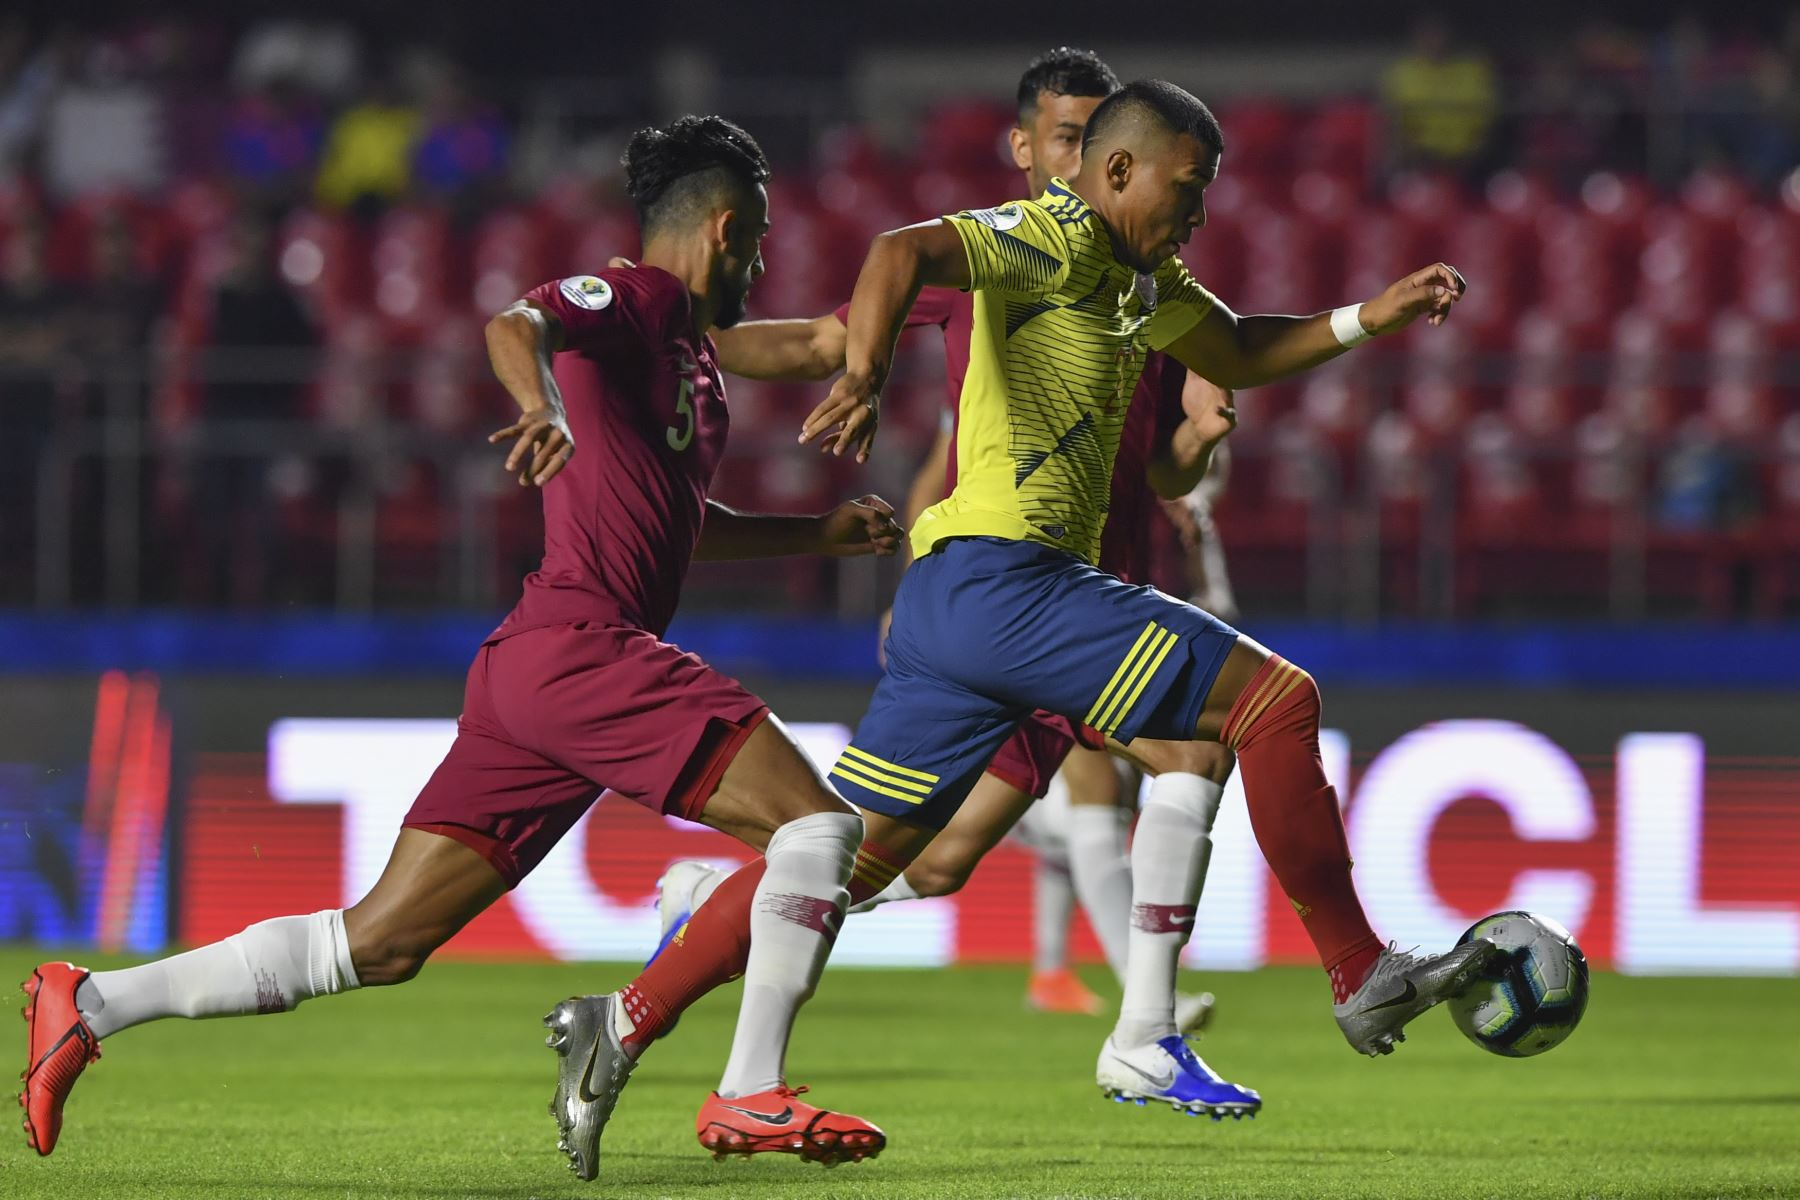 Roger Martinez (R) de Colombia está marcado por Tareq Salman (L) de Qatar durante su partido de torneo de fútbol de la Copa América en el estadio Cicero Pompeu de Toledo, también  2019. Foto : AFP